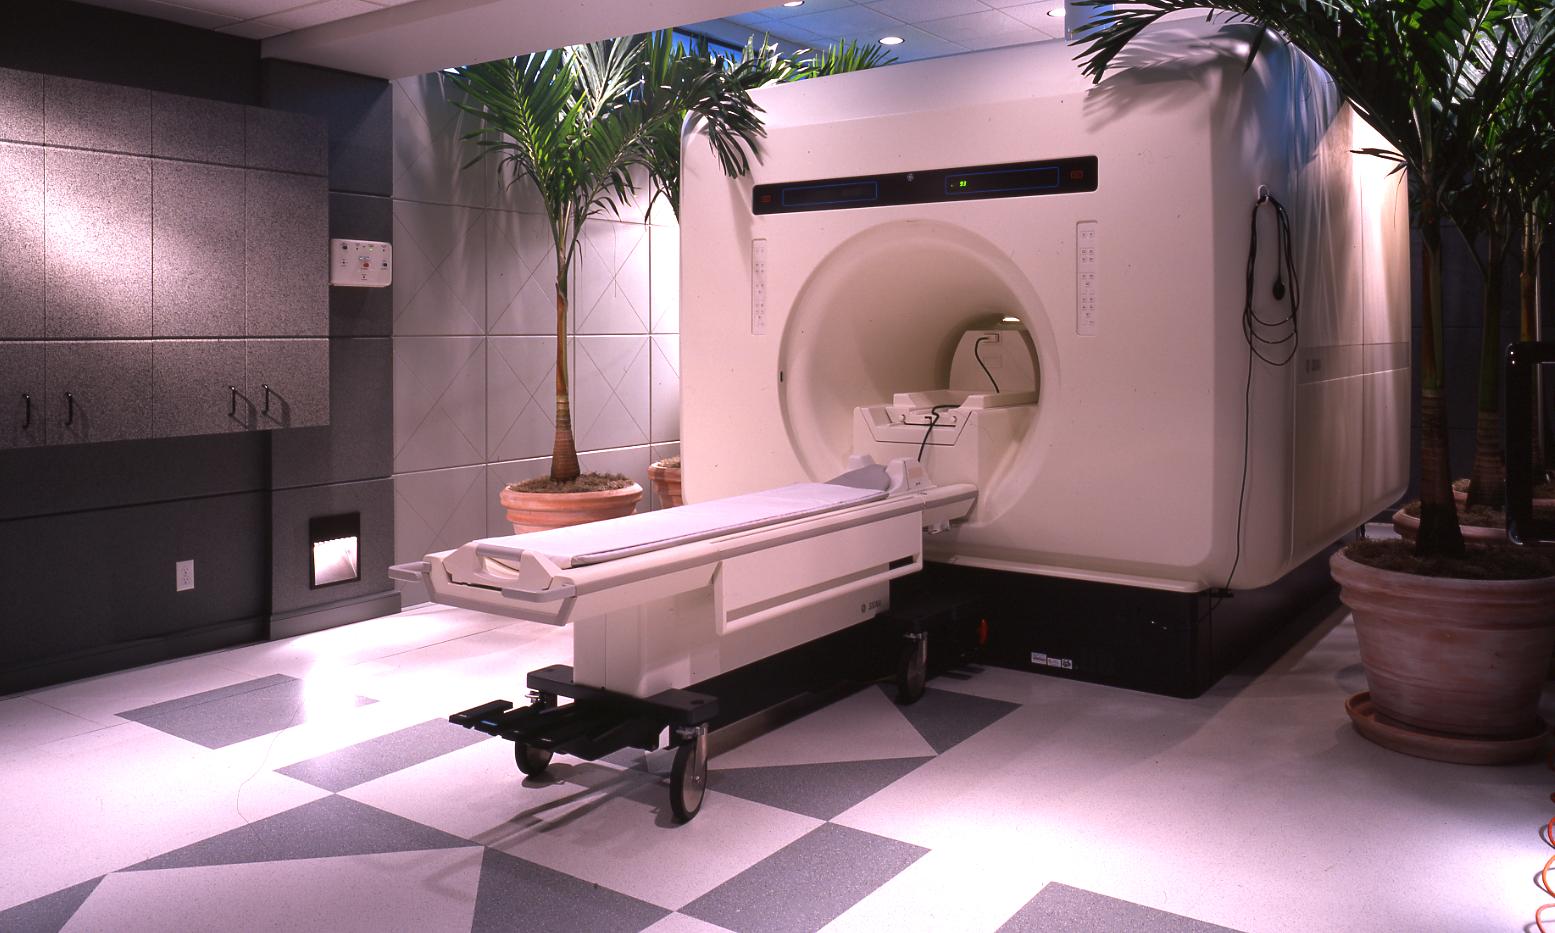 Overlake MRI